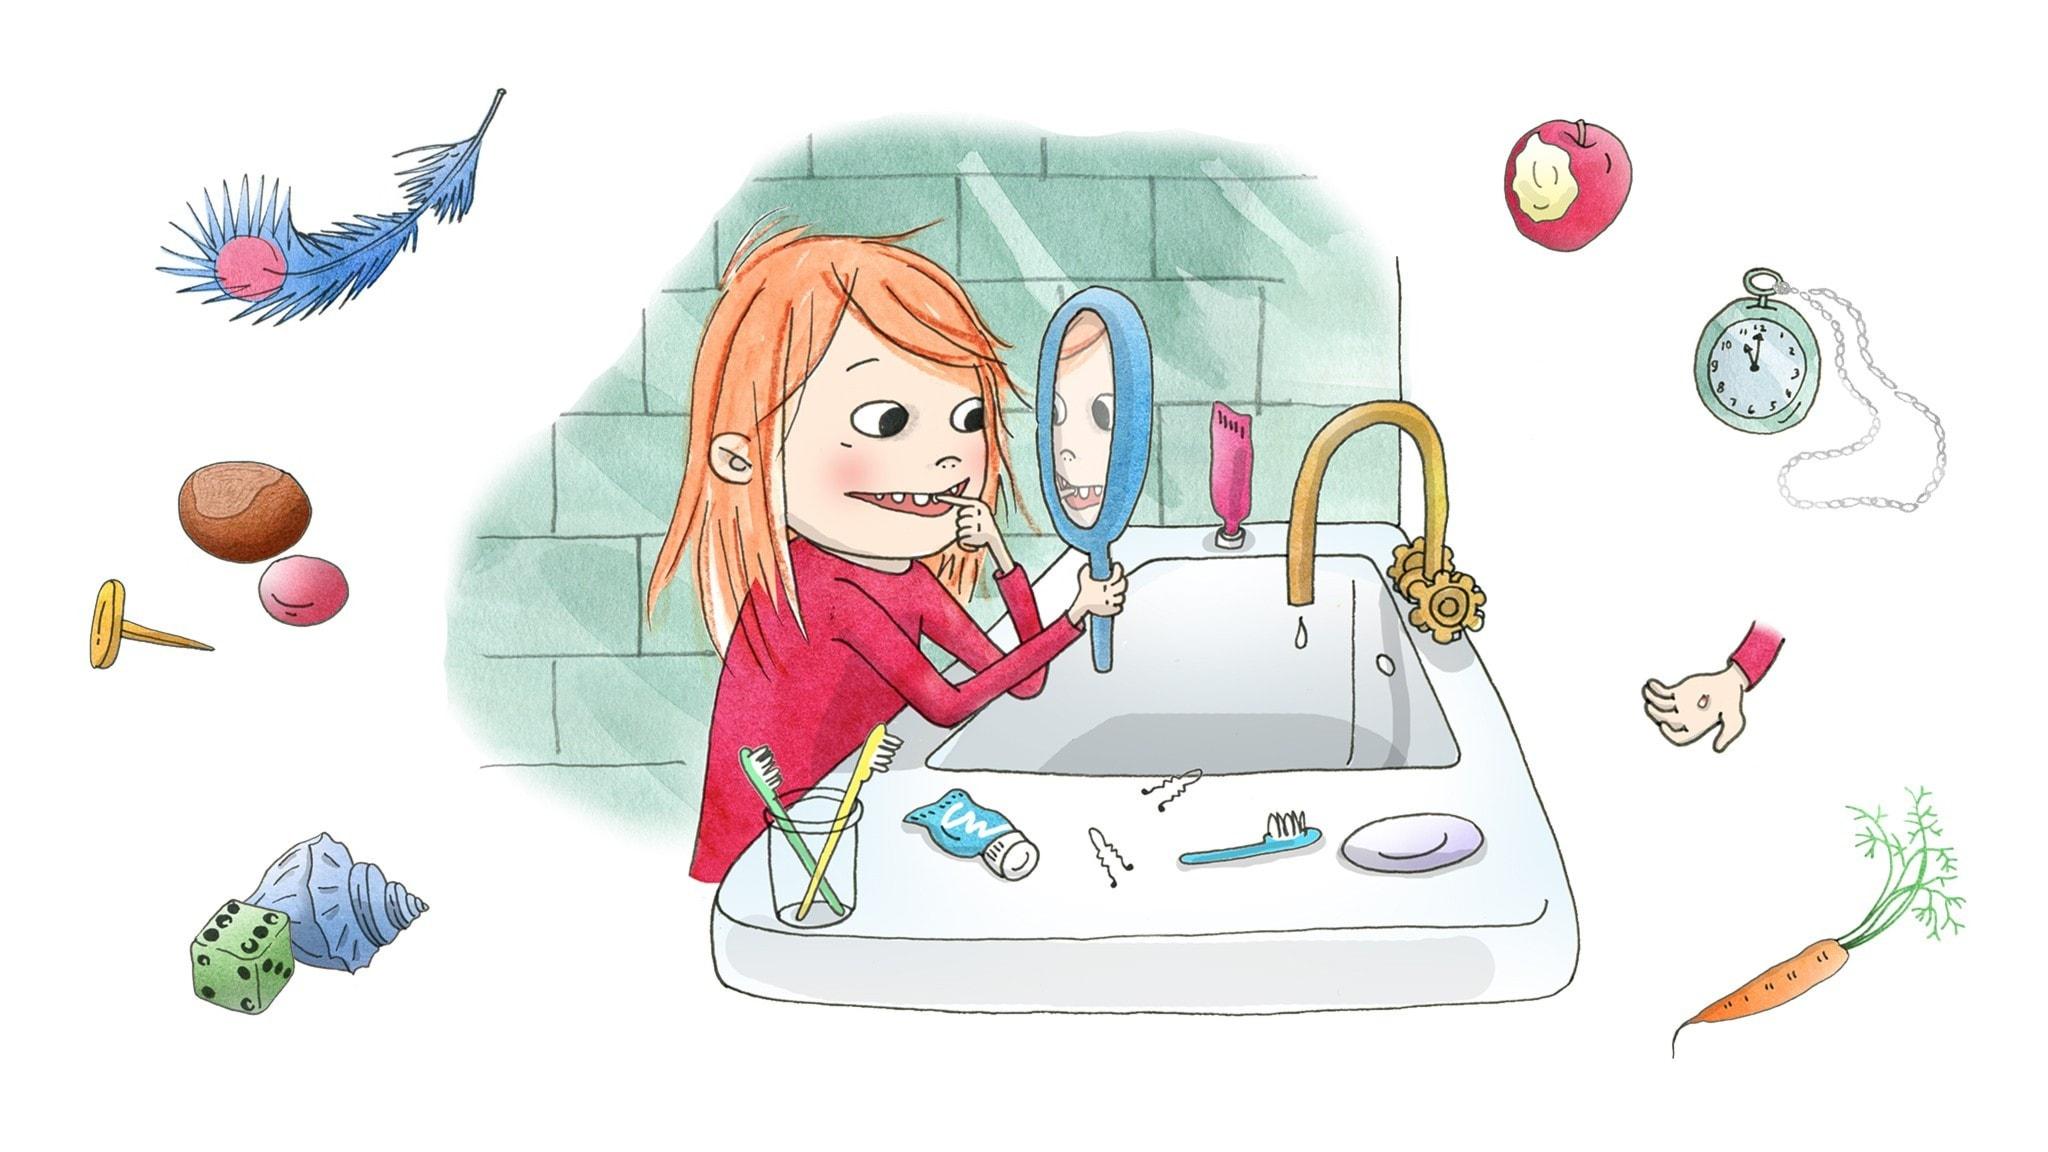 Saga är i badrummet och kikar på sin lösa tand i spegeln. Illustration: Emma Göthner